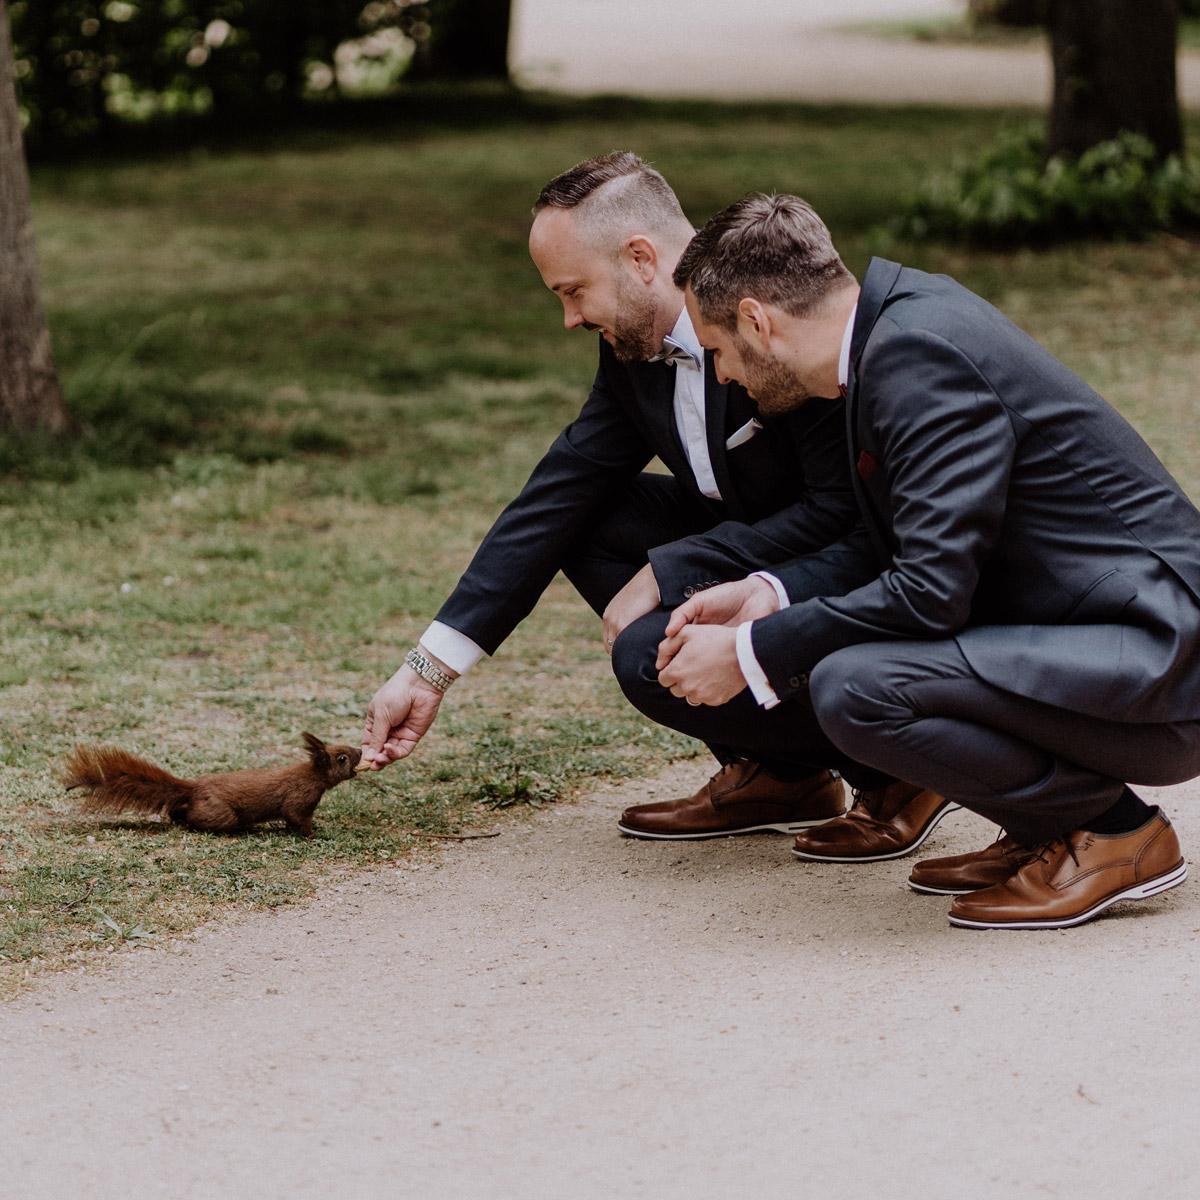 Hochzeit Fotos Idee lustig: Eichhörnchen lässt sich von Bräutigam füttern auf homo Hochzeit Männer; Fotoshooting #gleichgeschlechtlich nach Standesamt Villa Kogge in Natur in Park; Ideen für urbane schwule Hochzeitsfotos von #hochzeitslicht Hochzeitsfotograf Berlin © www.hochzeitslicht.de #gaywedding #grooms #samesex #homoehe #funny #gayweddingphoto #squirrel #wedding